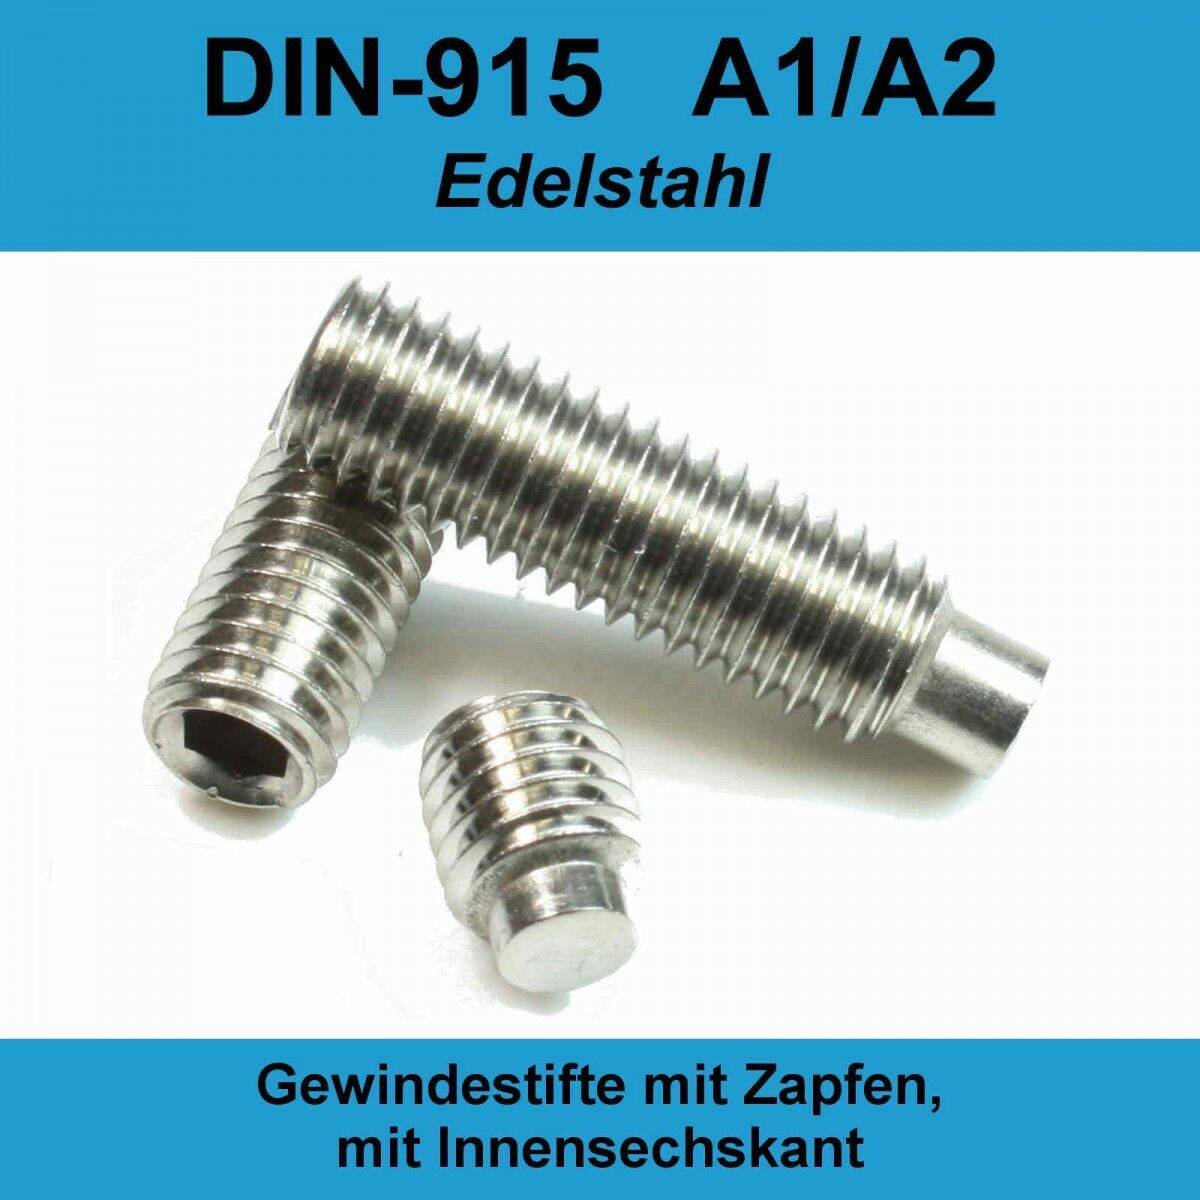 M6 DIN 915 A2 Gewindestifte Zapfen Edelstahl Innensechskant Madenschrauben Madenschrauben Madenschrauben M6x     | Marke  6134d7